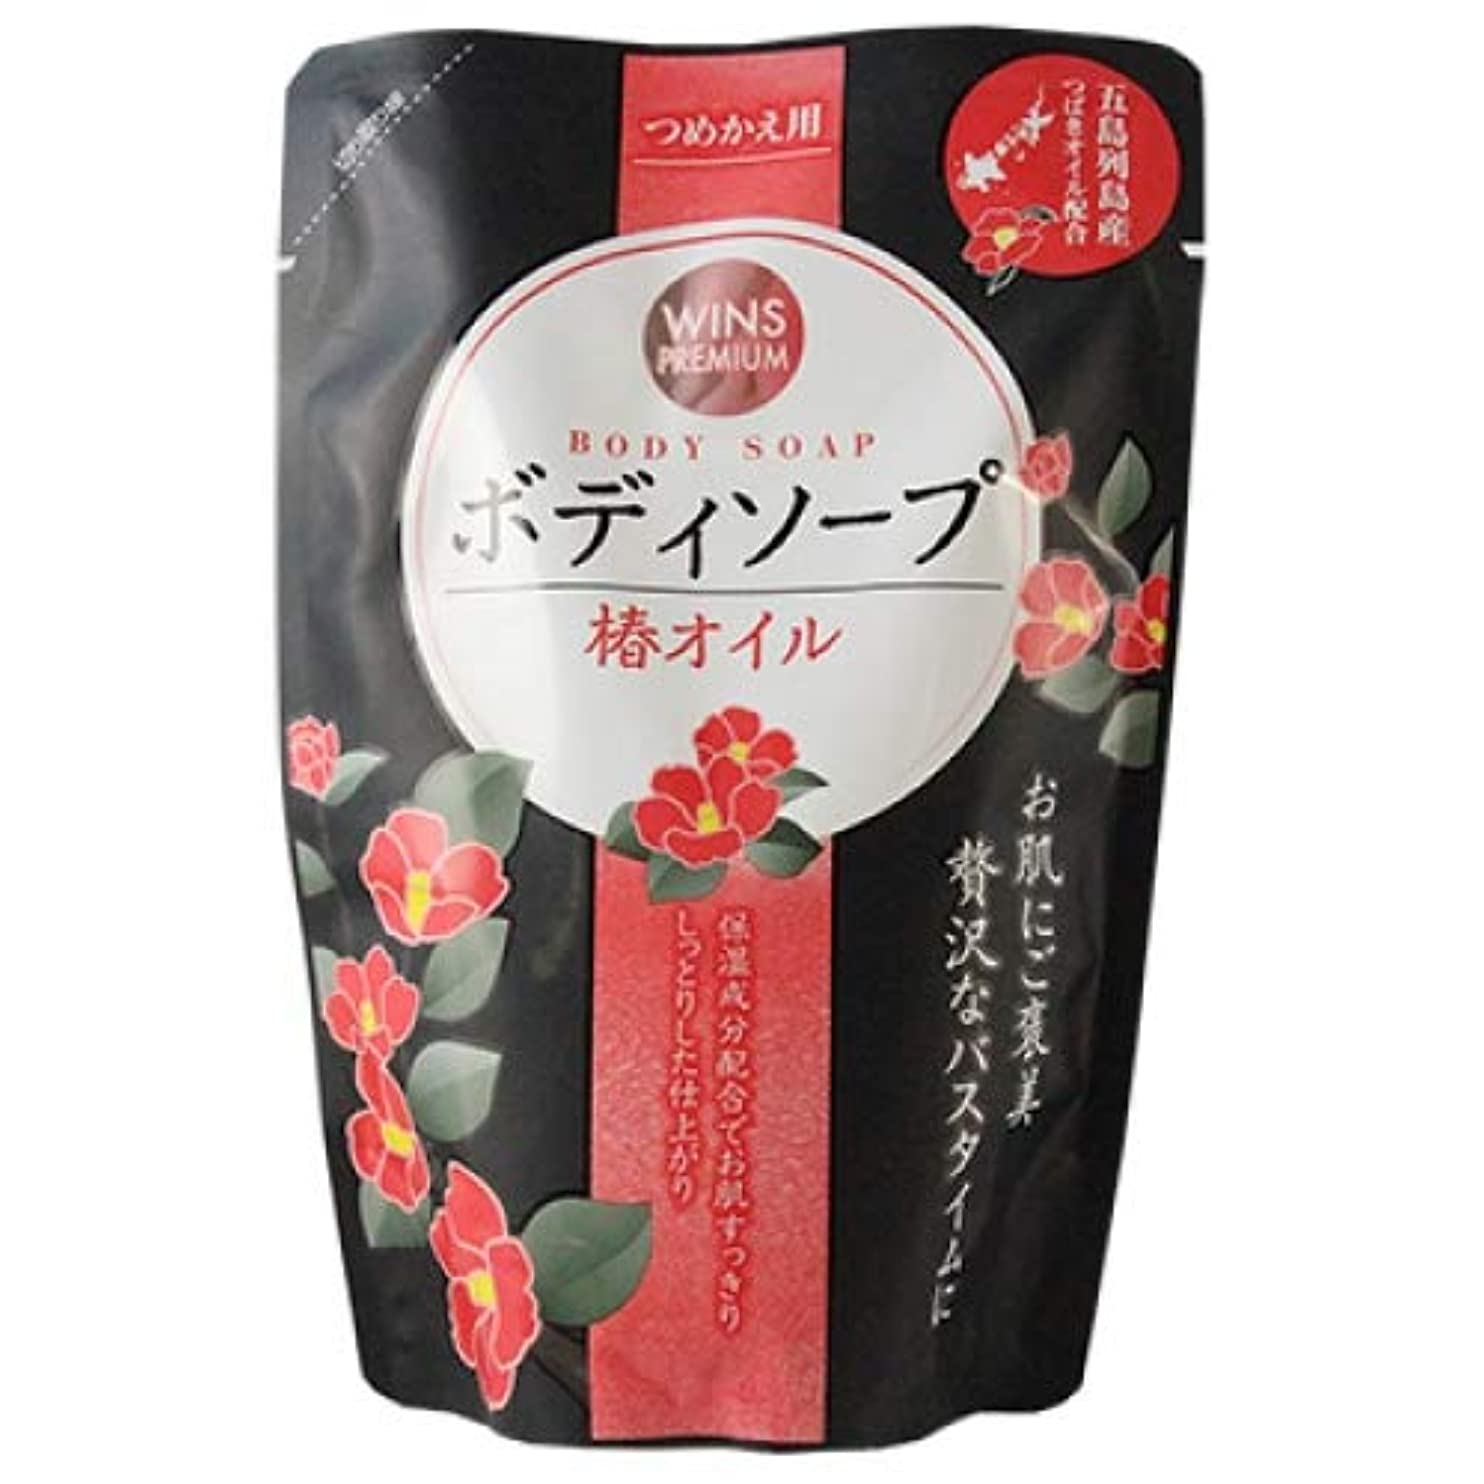 対称シダ受け入れる日本合成洗剤 ウインズ 椿オイル ボディソープ つめかえ用 400mL 4904112827240